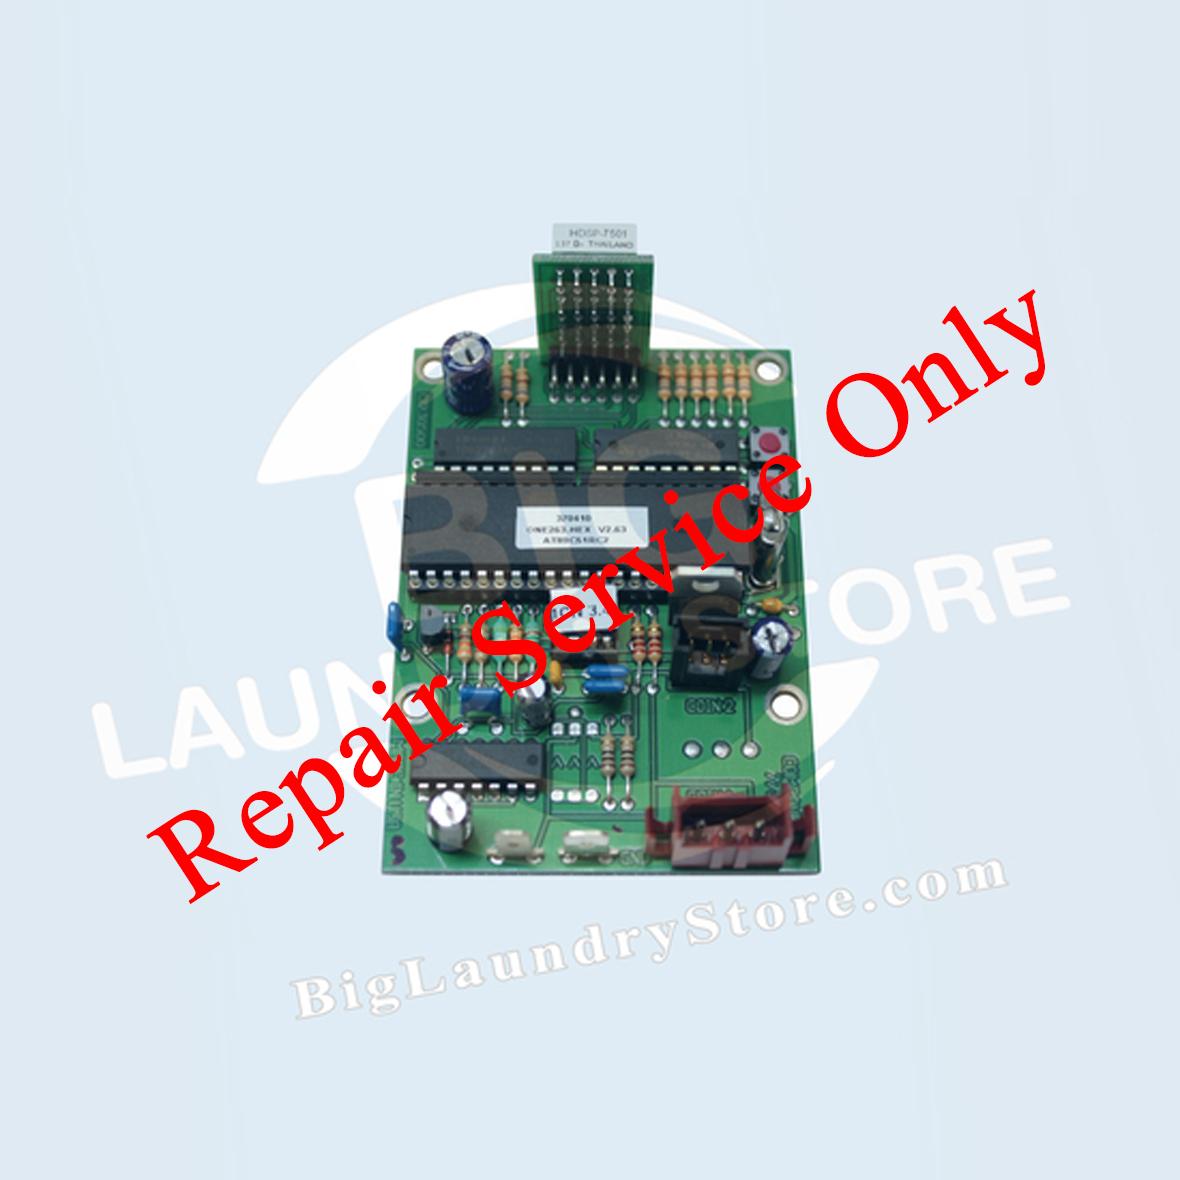 REPAIR - Huebsch, Speed Queen, Unimac Door Lock # F0370410-10P Repair